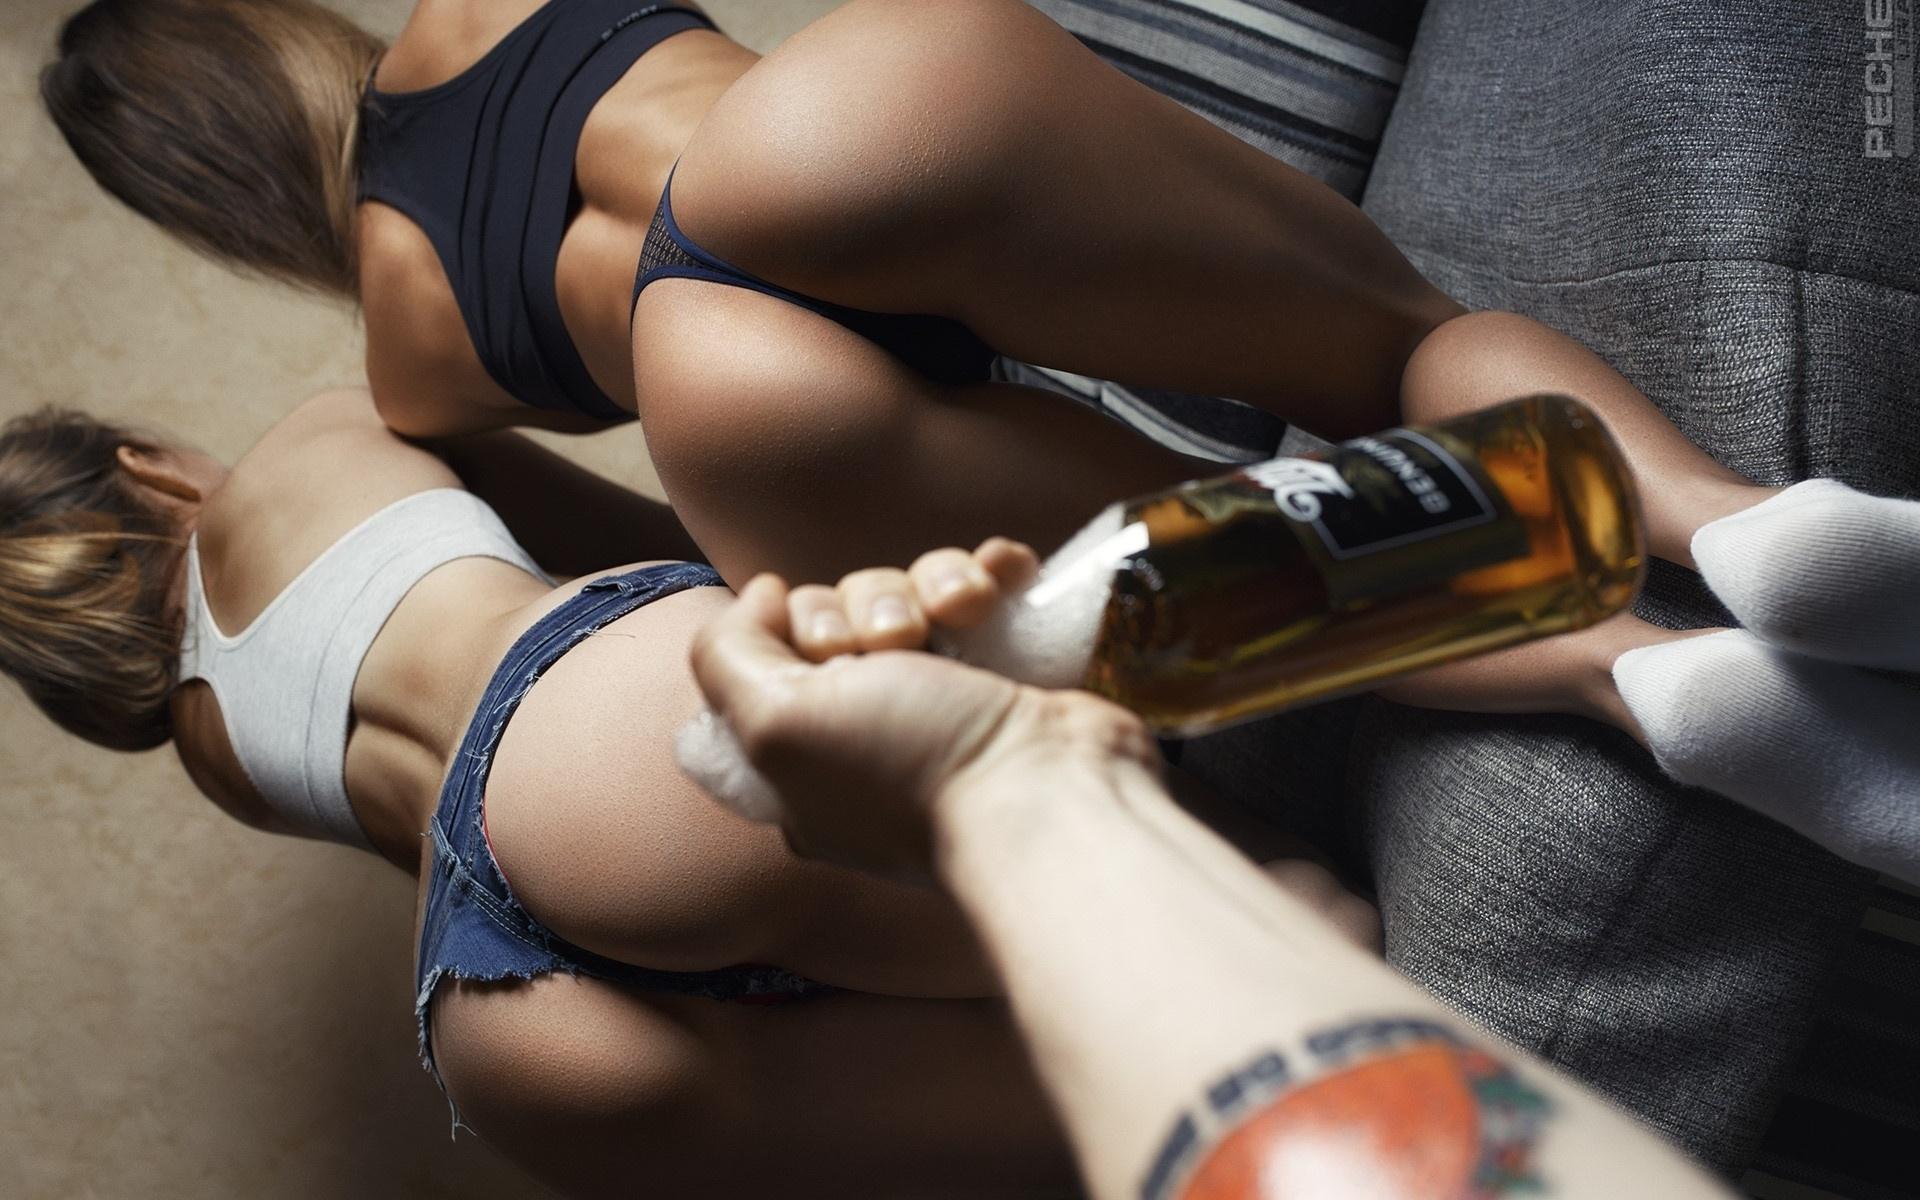 eroticheskie-sportivnie-foto